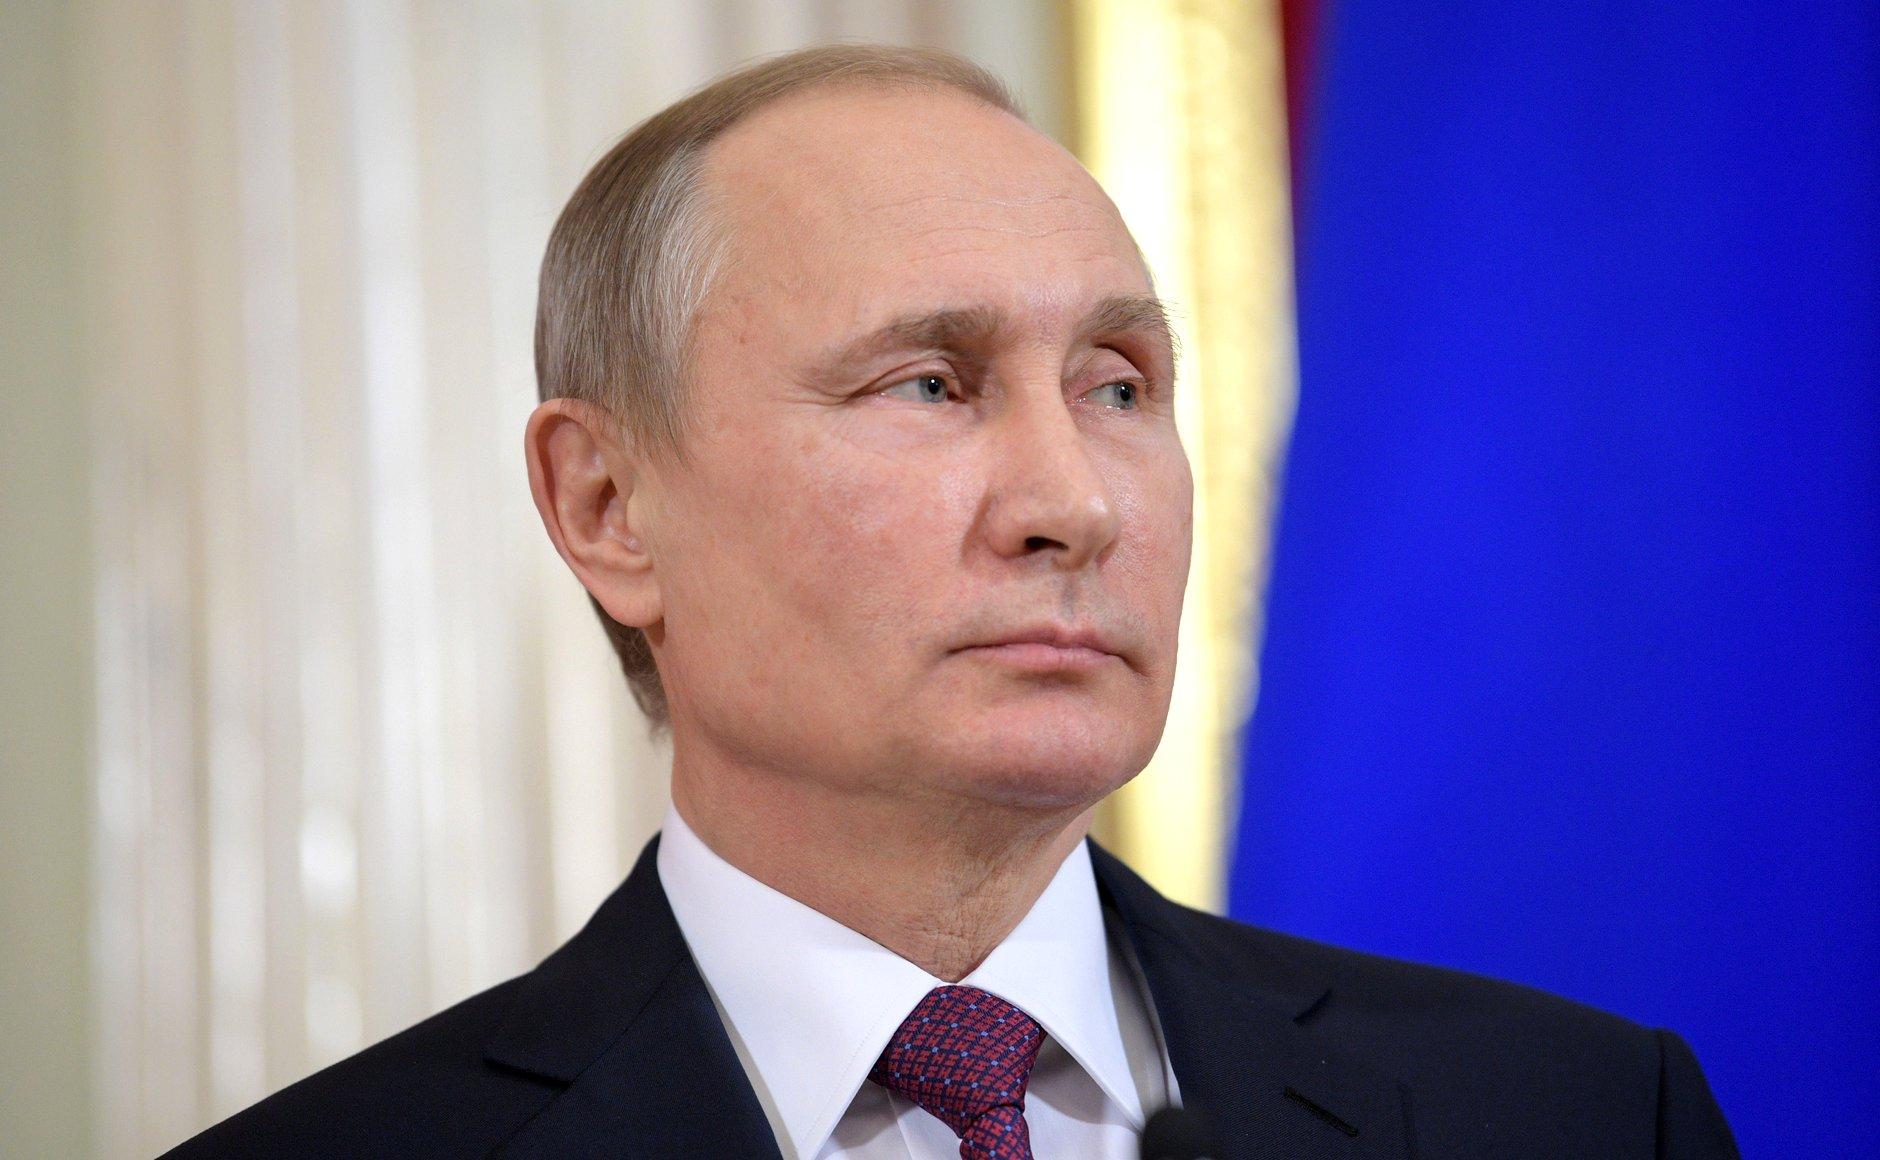 Putin Come Fornero: Aumenta l'età Pensionabile in Russia di 5 anni